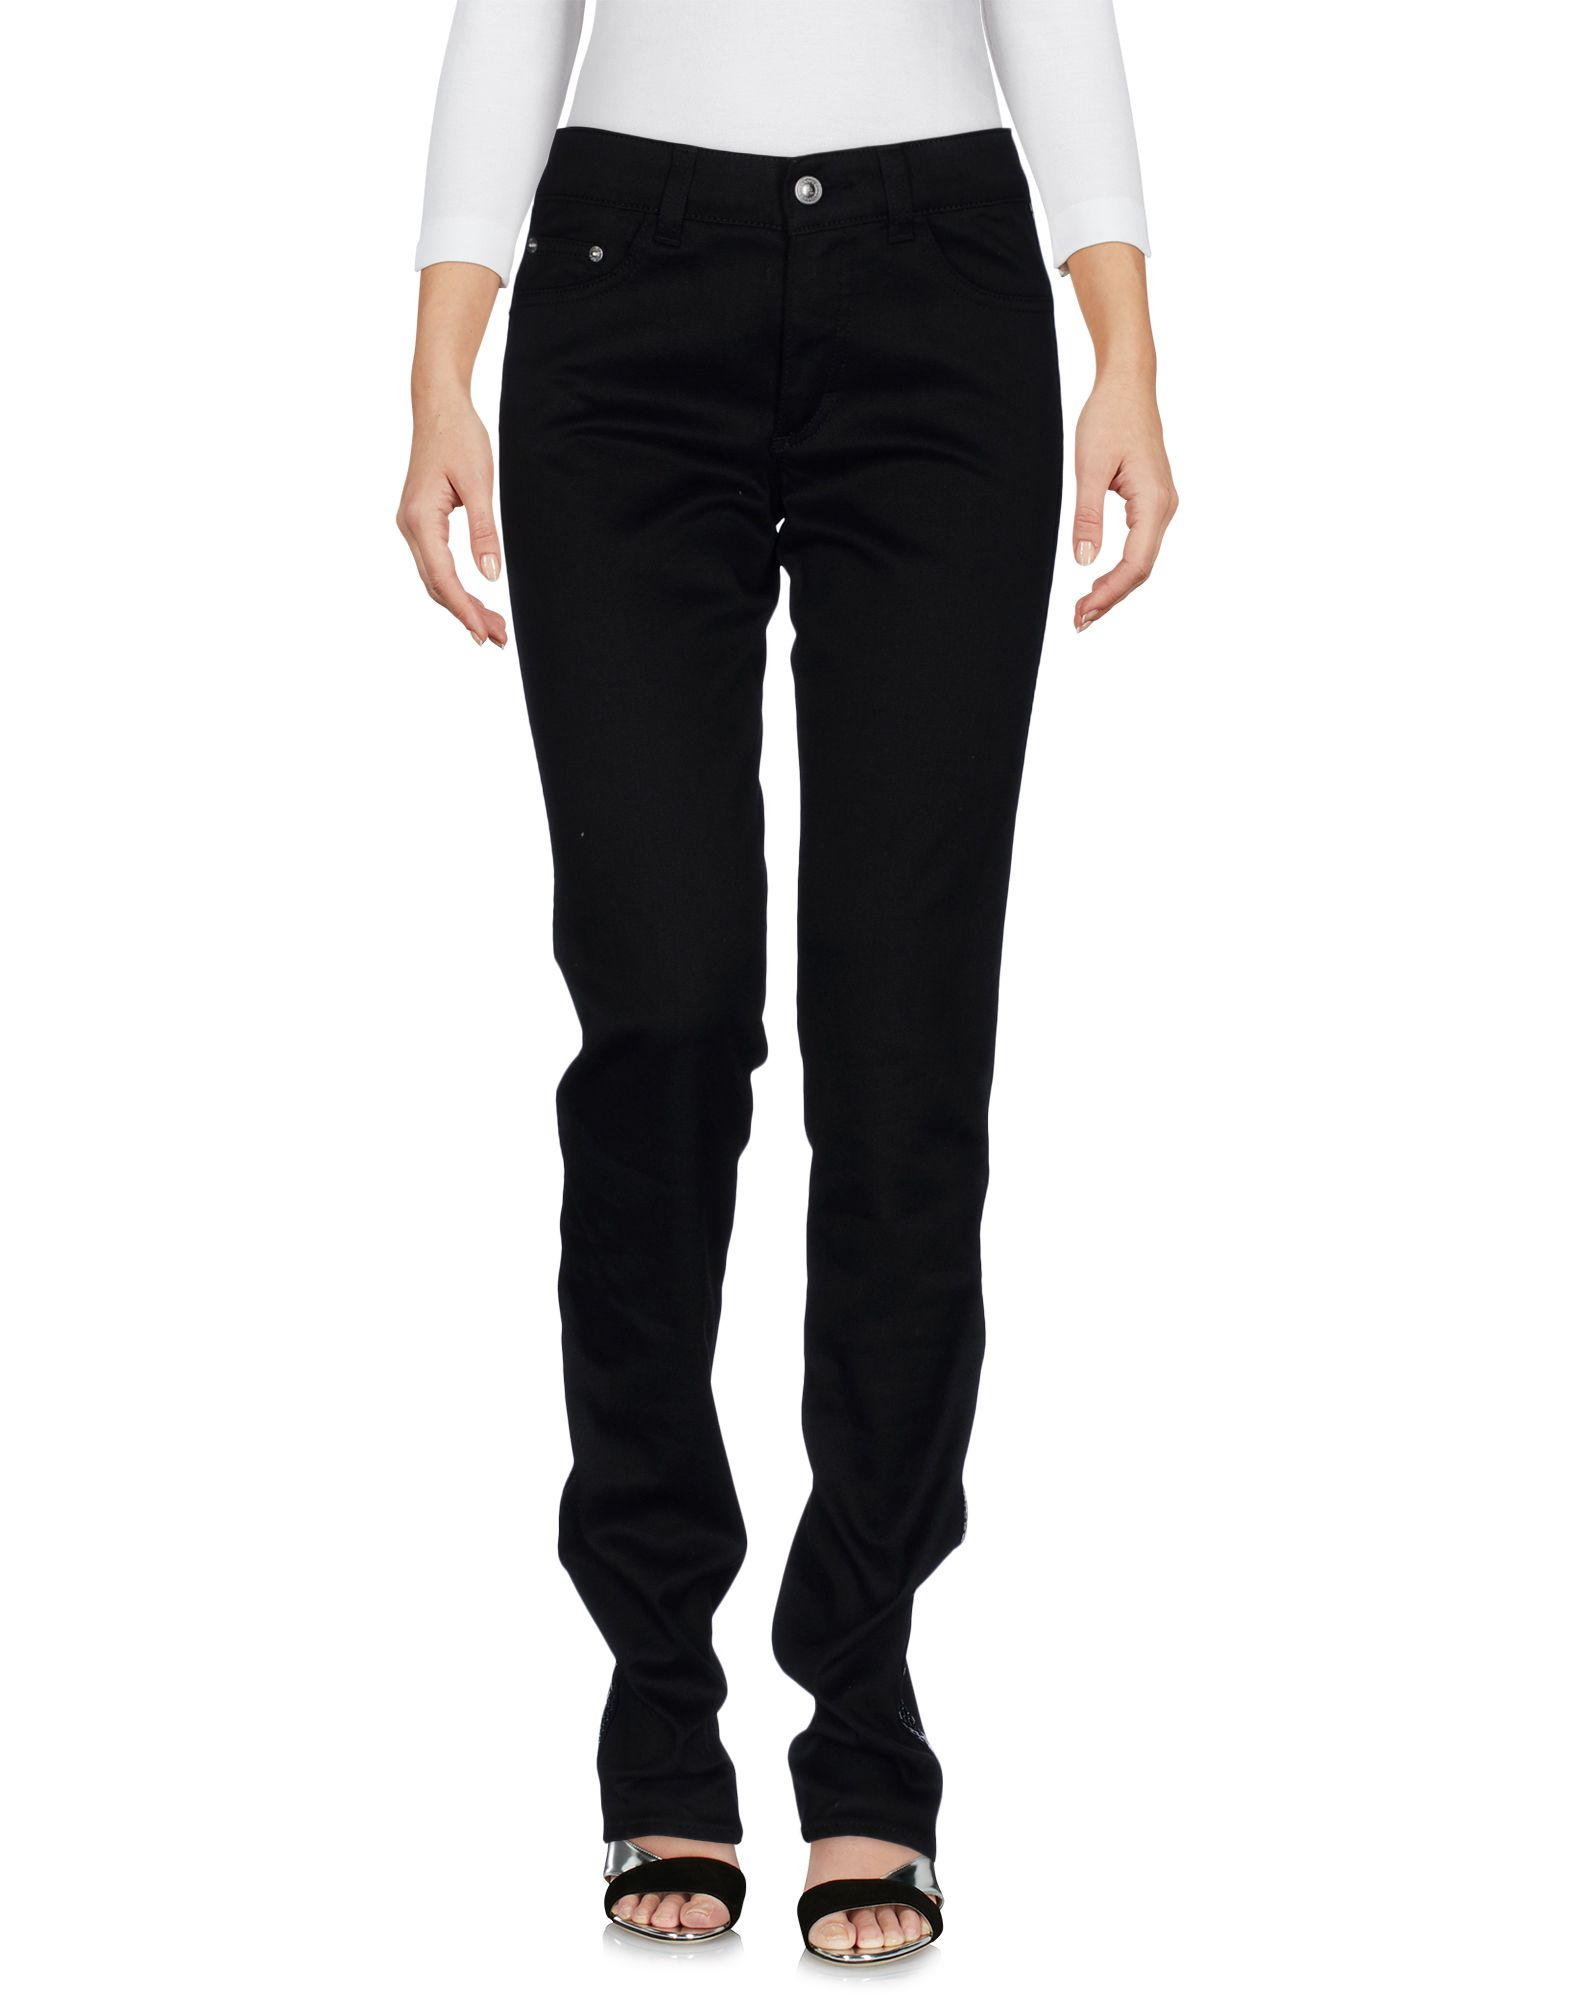 VERSACE JEANS COUTURE Damen Jeanshose Farbe Schwarz Größe 1 jetztbilligerkaufen